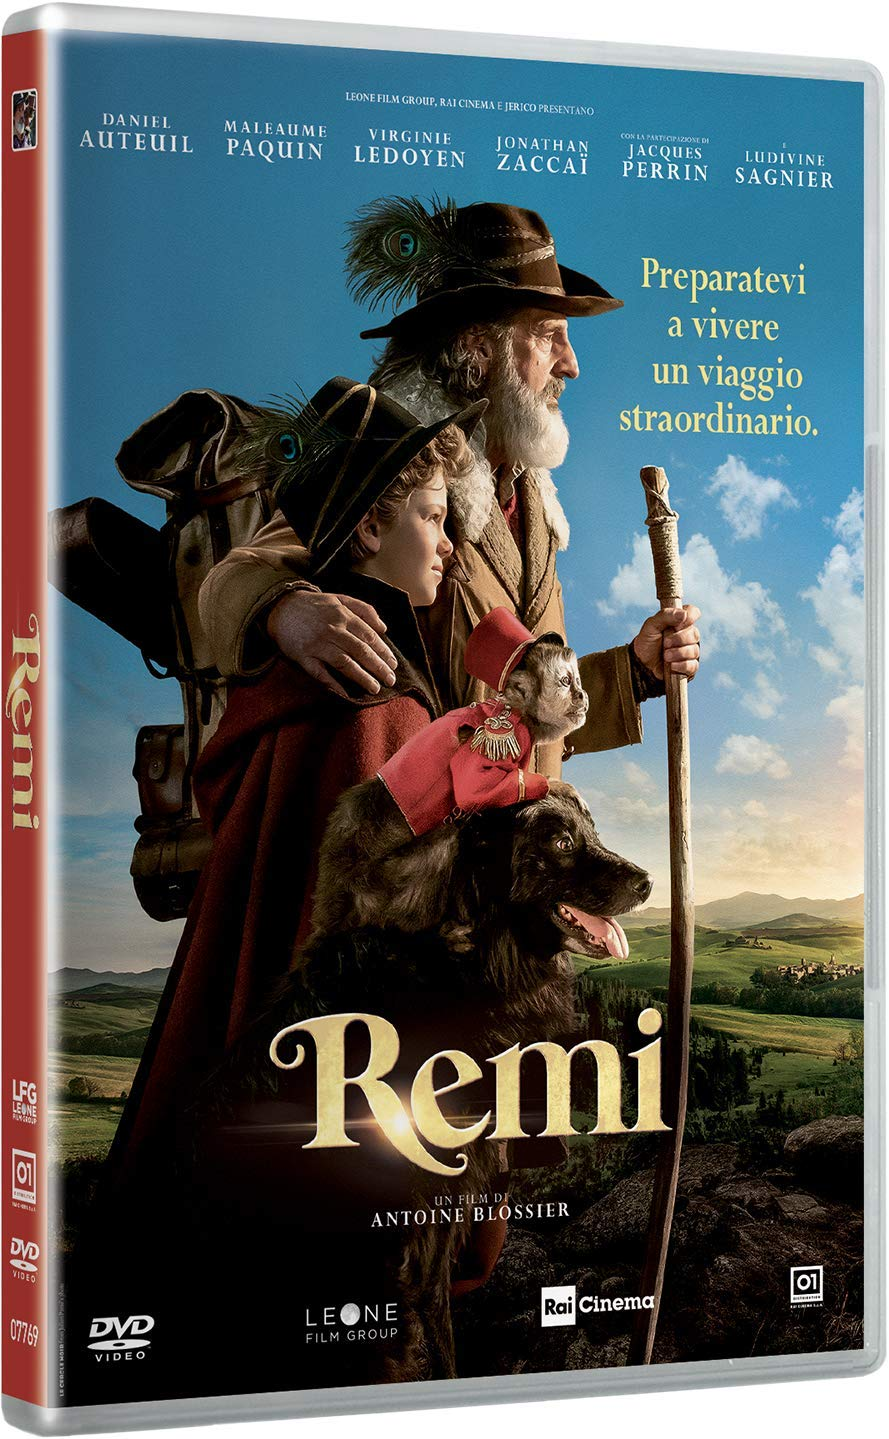 REMI (DVD)